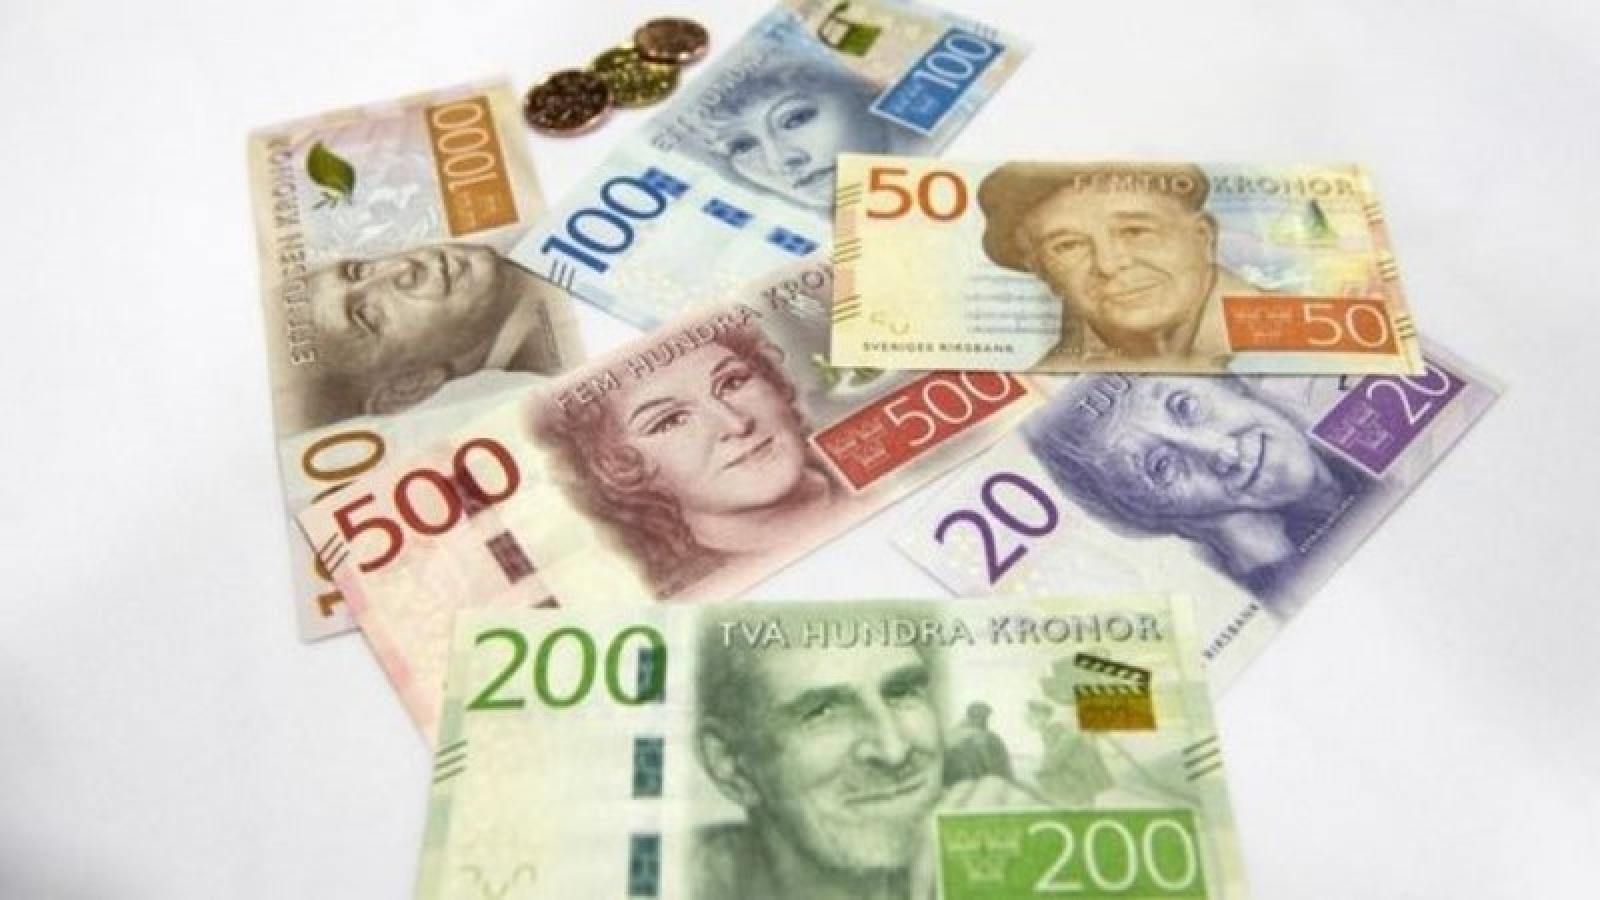 Thụy Điển muốn chuyển sang sử dụng tiền kỹ thuật số